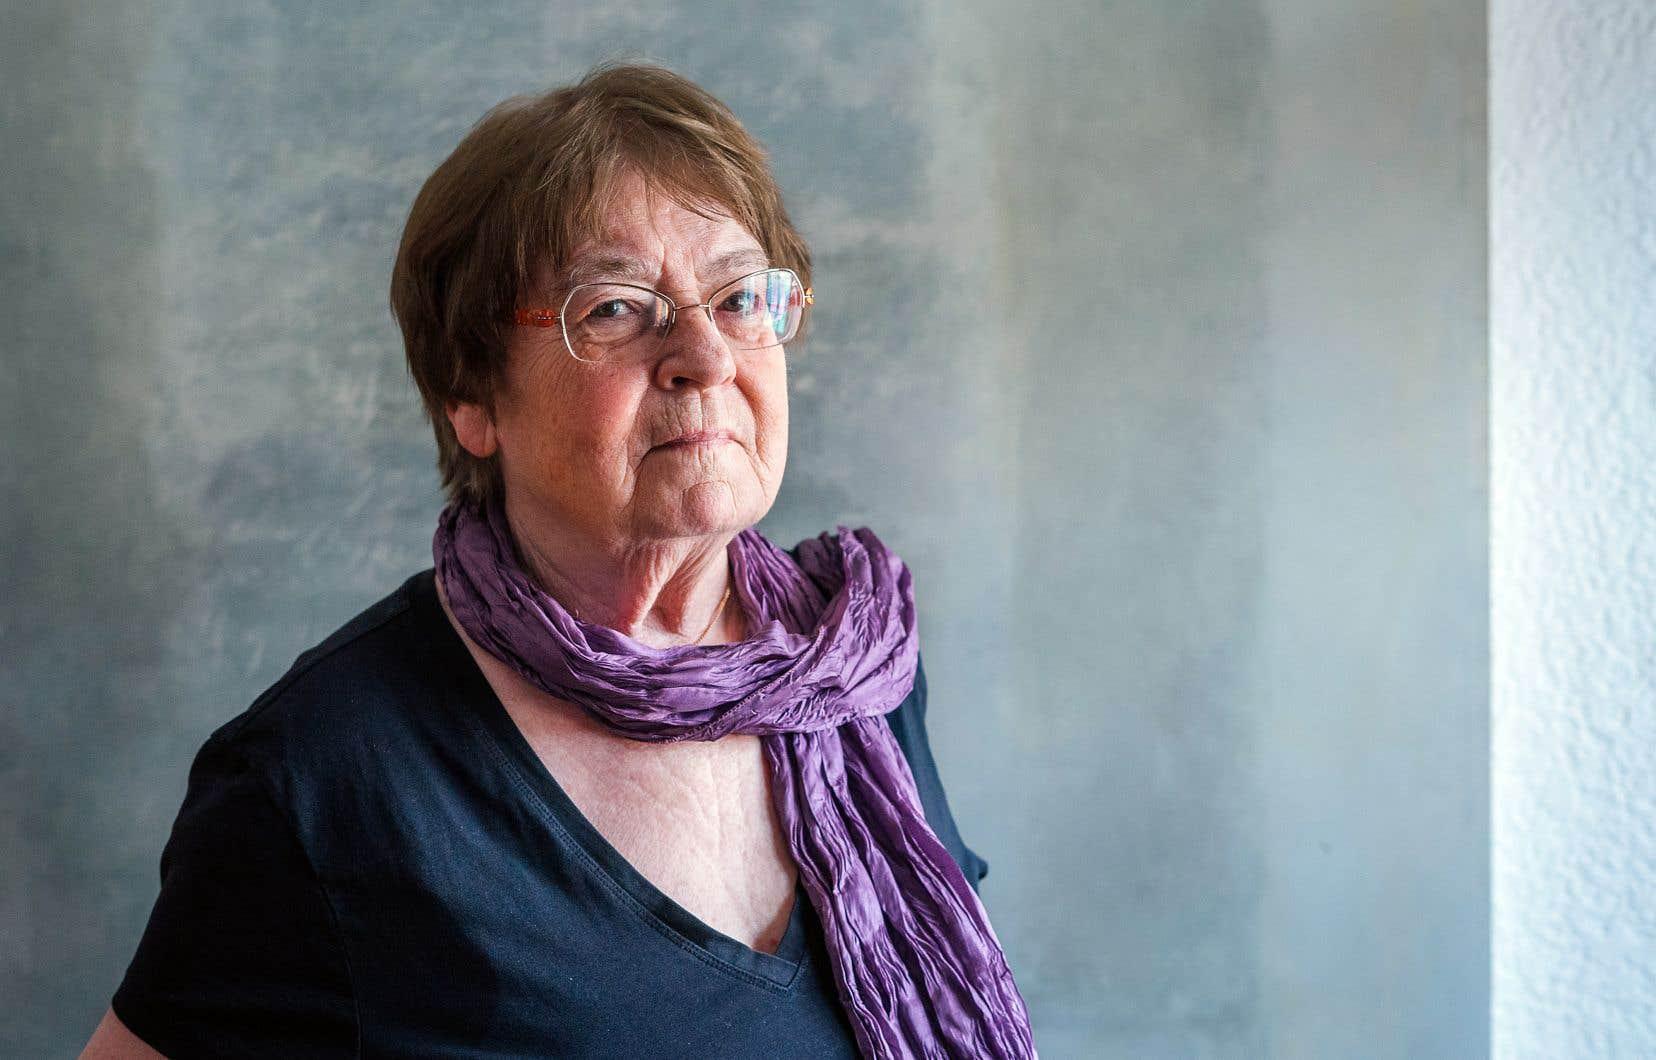 Nicole Brossard a embrassé la teneur subversive de la sexualité lesbienne avec vigueur dans son recueil «Amantes», en 1980.